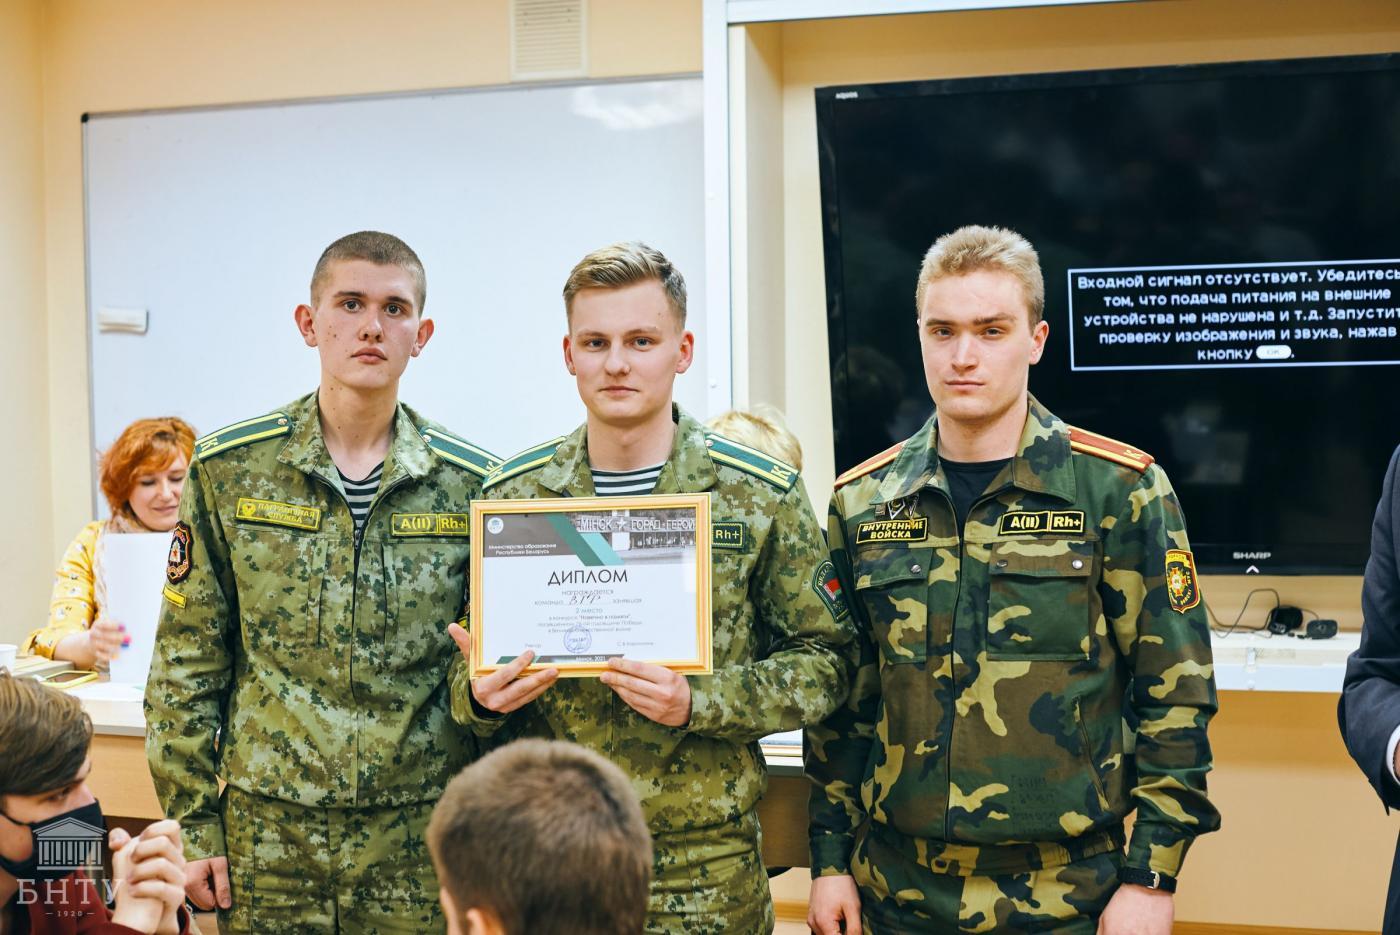 Участие команды ВТФ в ежегодном конкурсе по военной истории «Навечно в памяти»